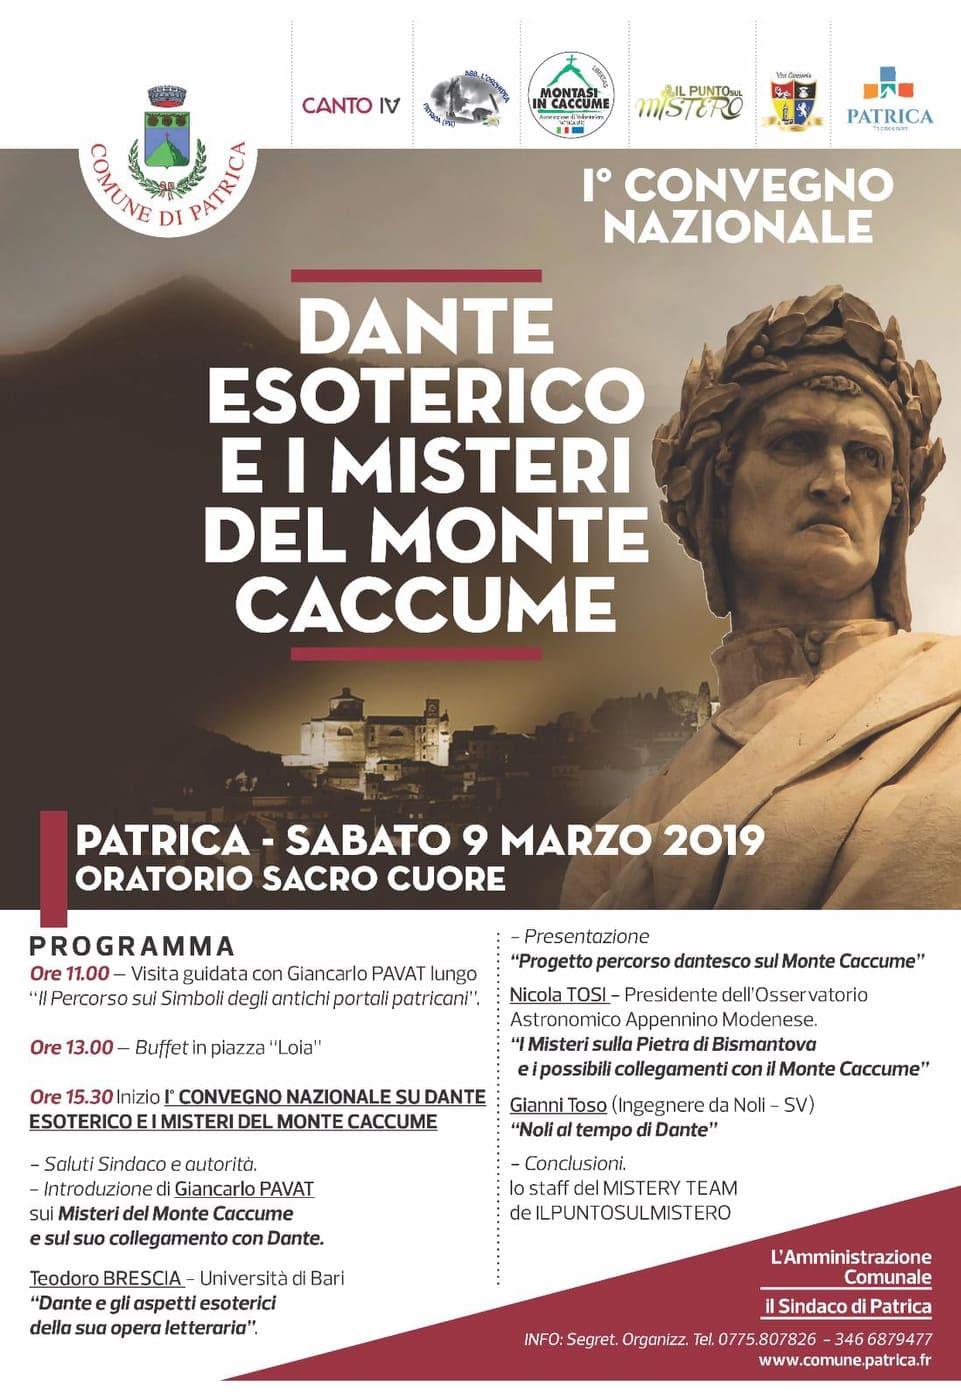 Patrica: Dante esoterico e i misteri del Monte Caccume @ oratorio Sacro Cuore | Patrica | Lazio | Italia